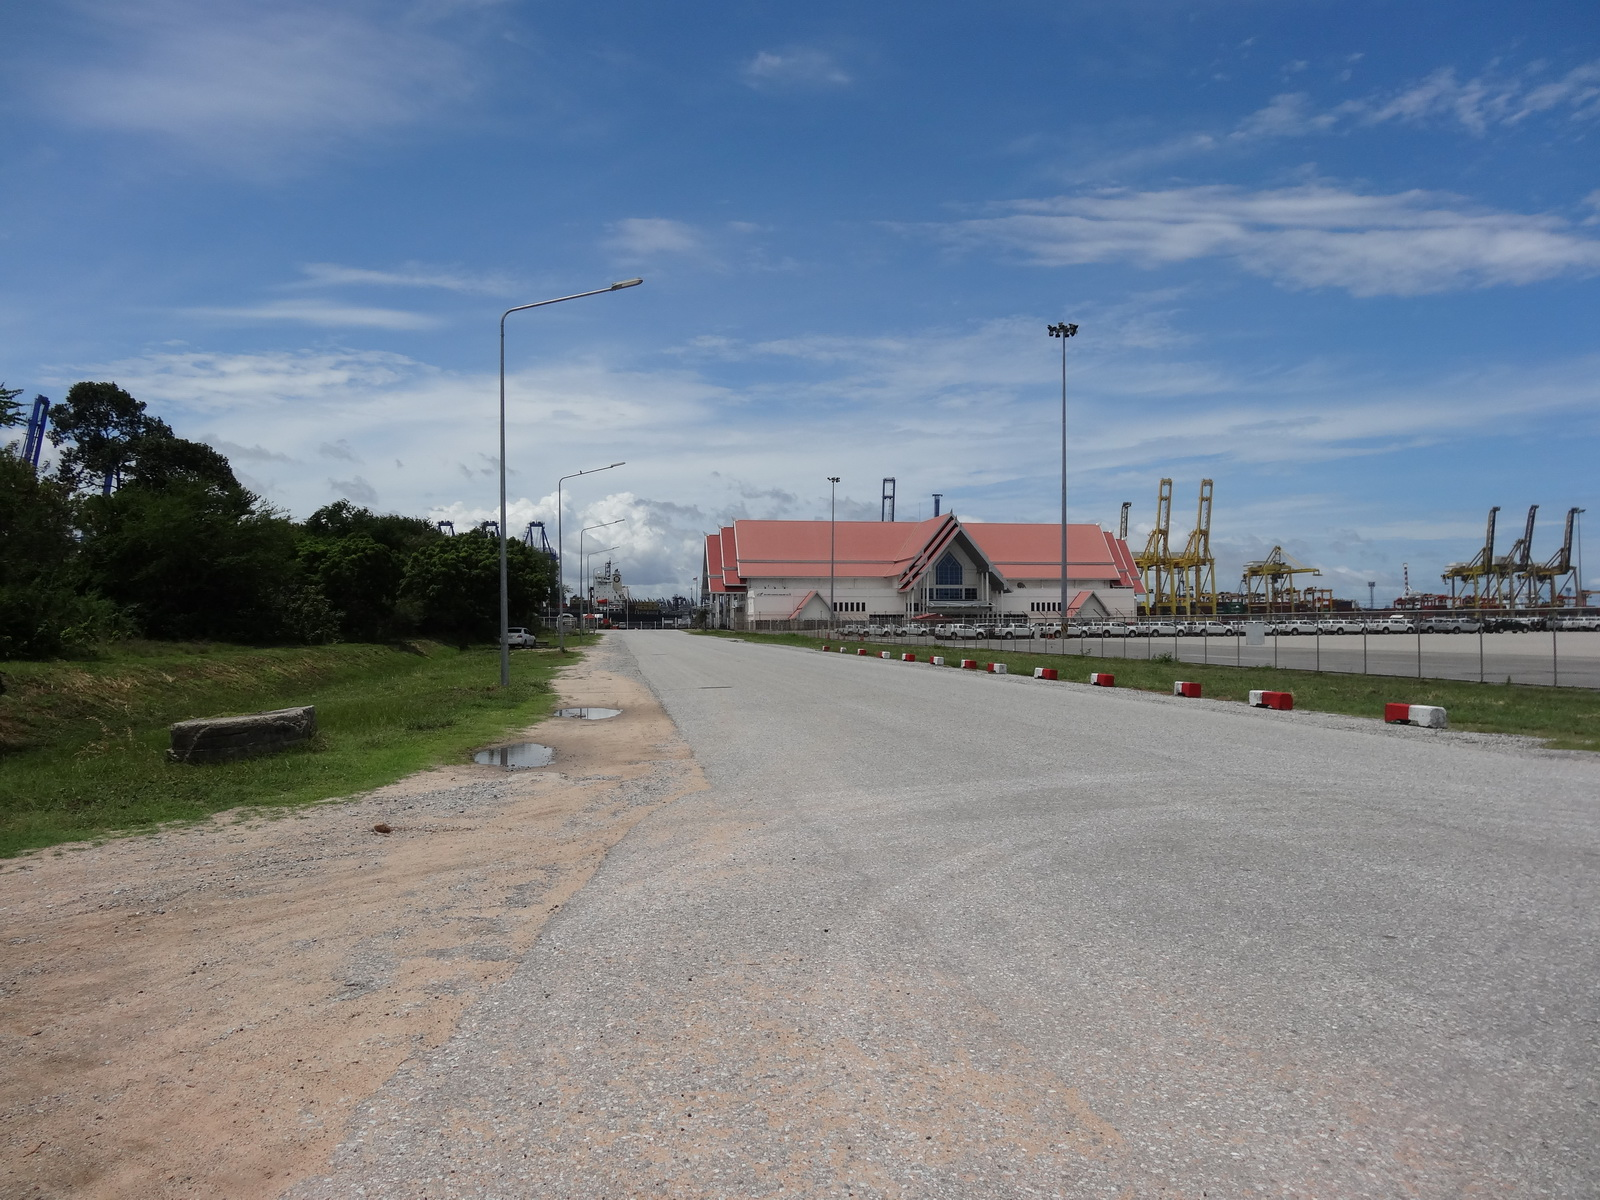 15 Laem Chabang Hafen 03